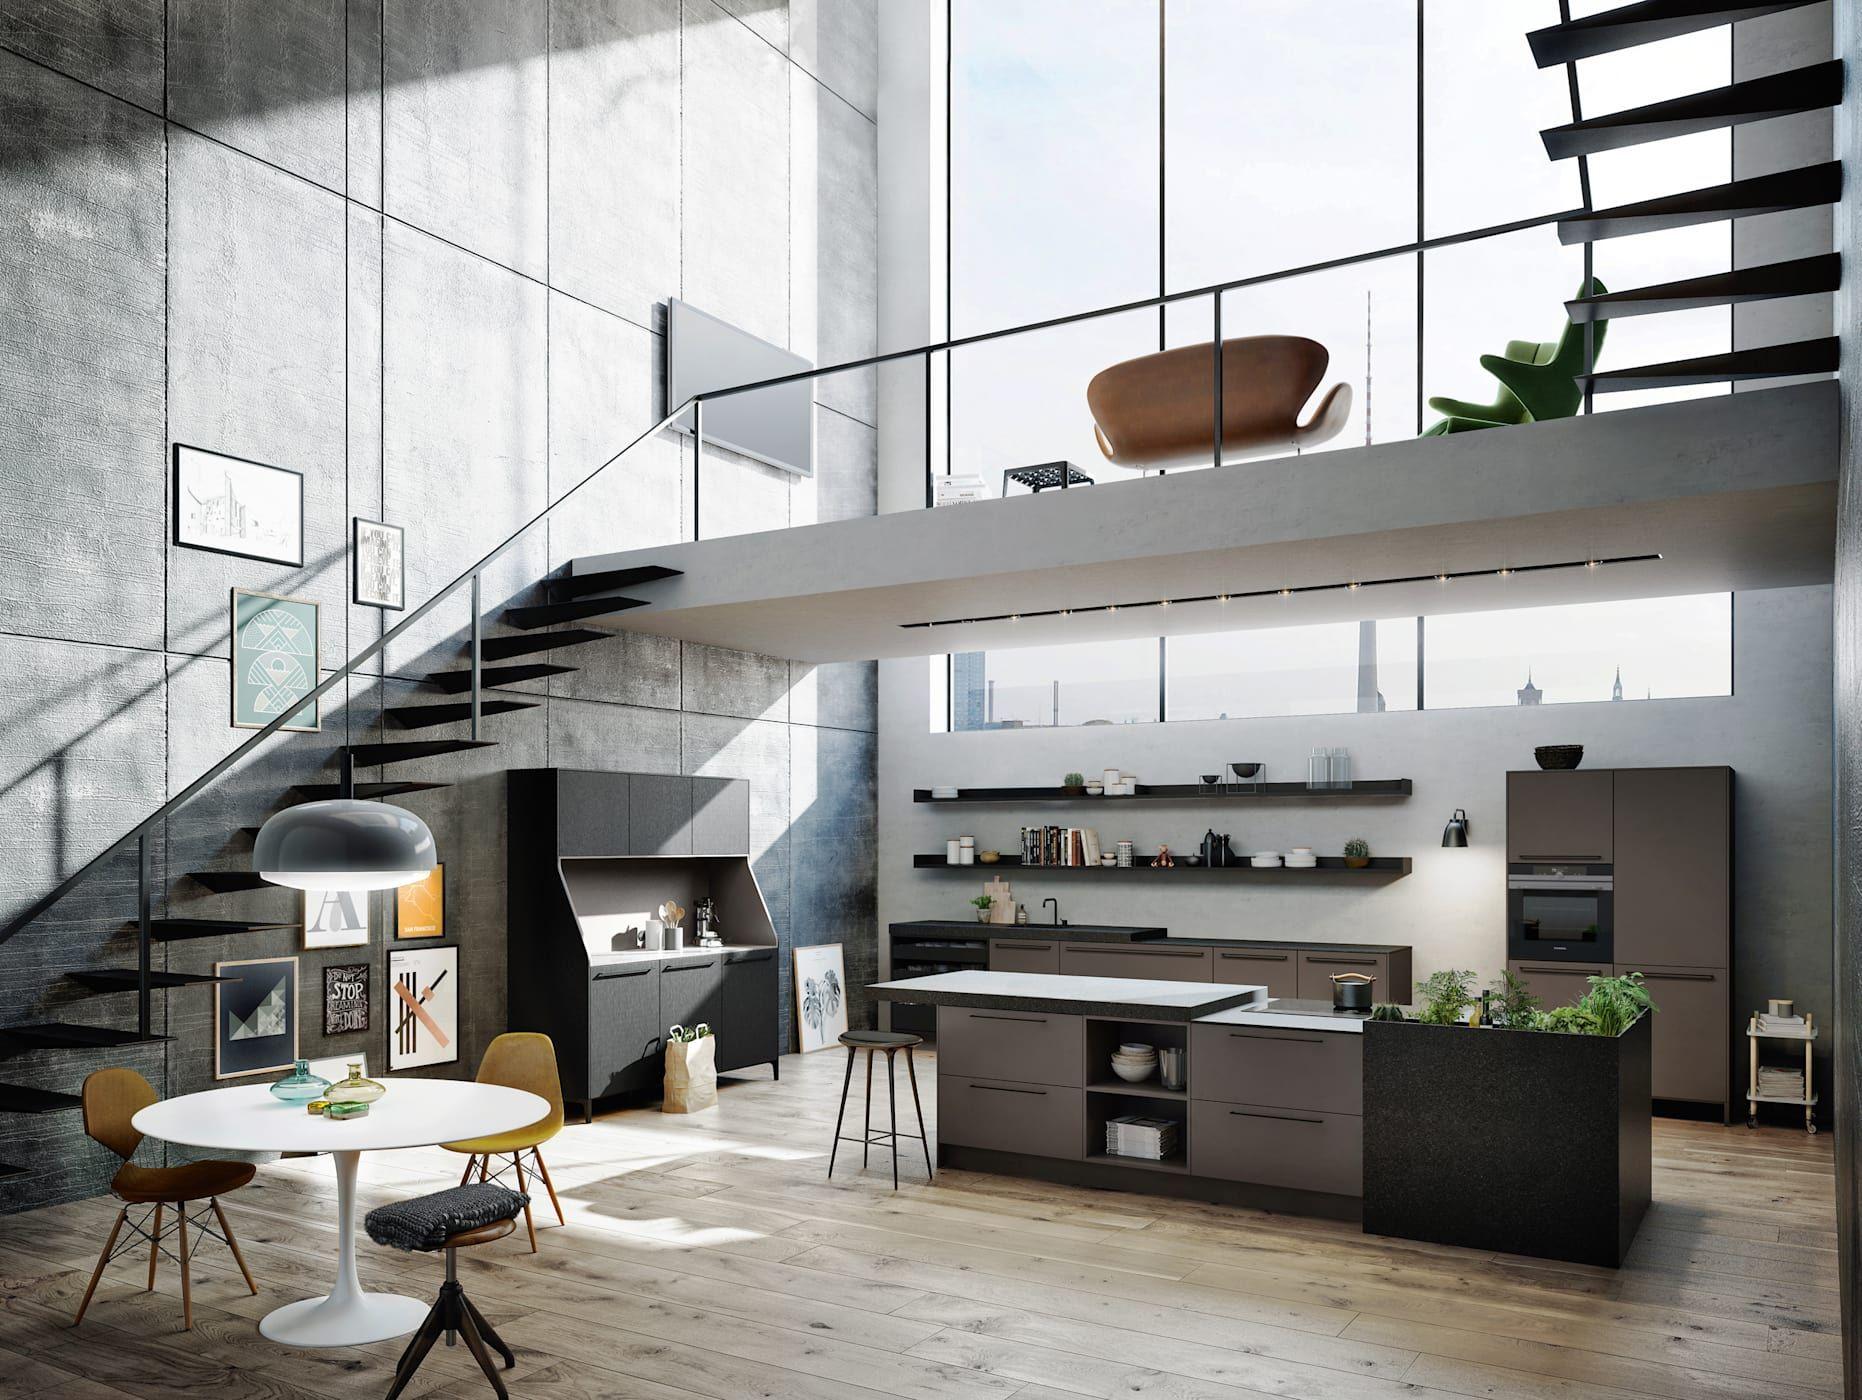 Urbanes Wohnen Industriell Von Kde Kuchen Design Essen Industrial Wohnen Schoner Wohnen Und Urban Wohnen